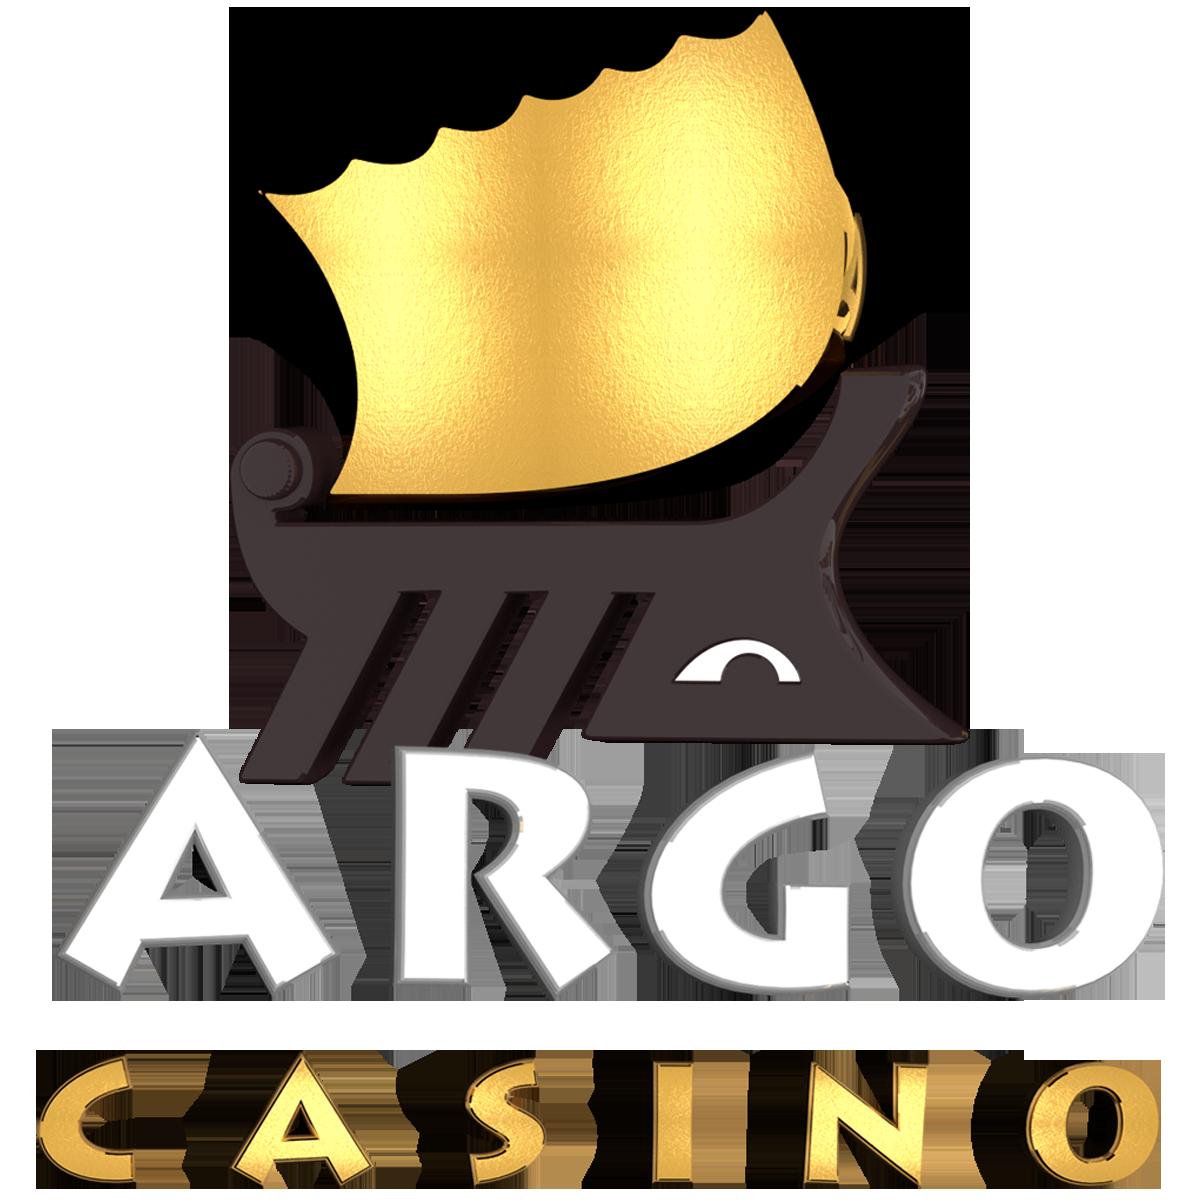 официальный сайт казино арго официальный сайт